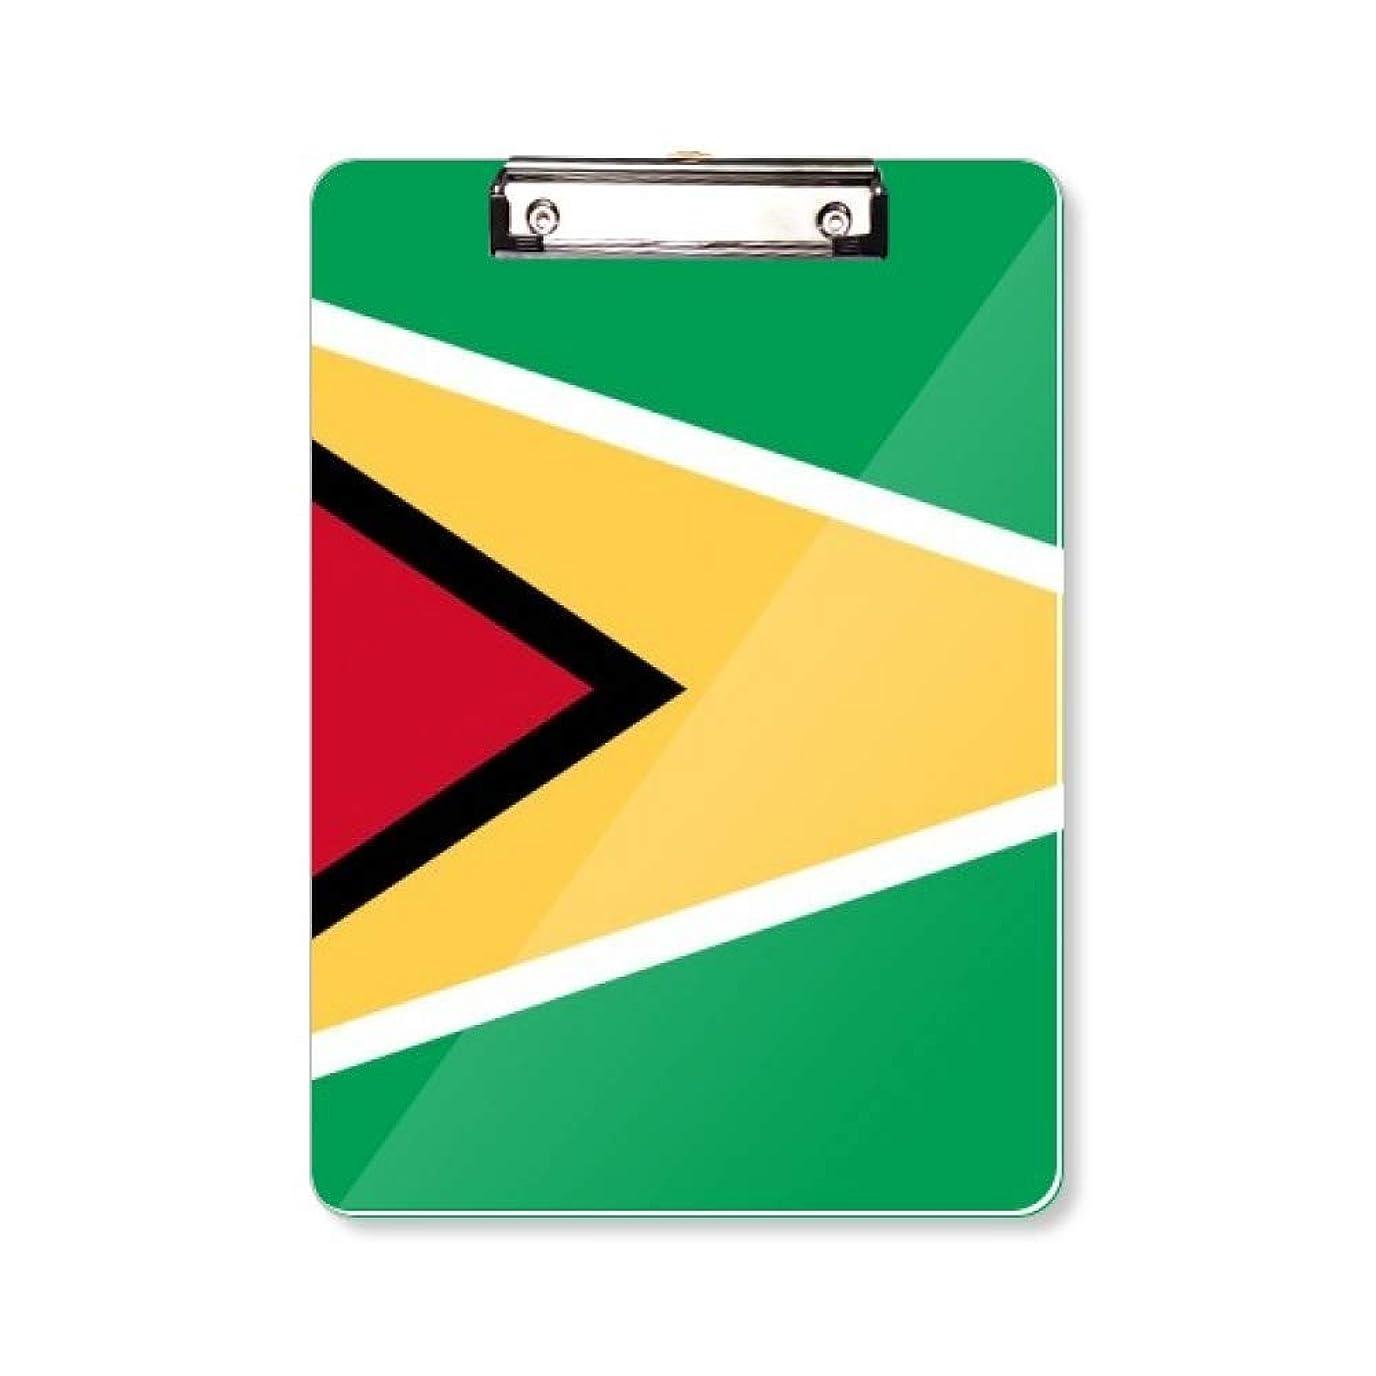 に負ける帽子一致するガイアナ国旗の南のアメリカ 国シンボルマークパターン フラットヘッドフォルダーライティングパッドテストA4